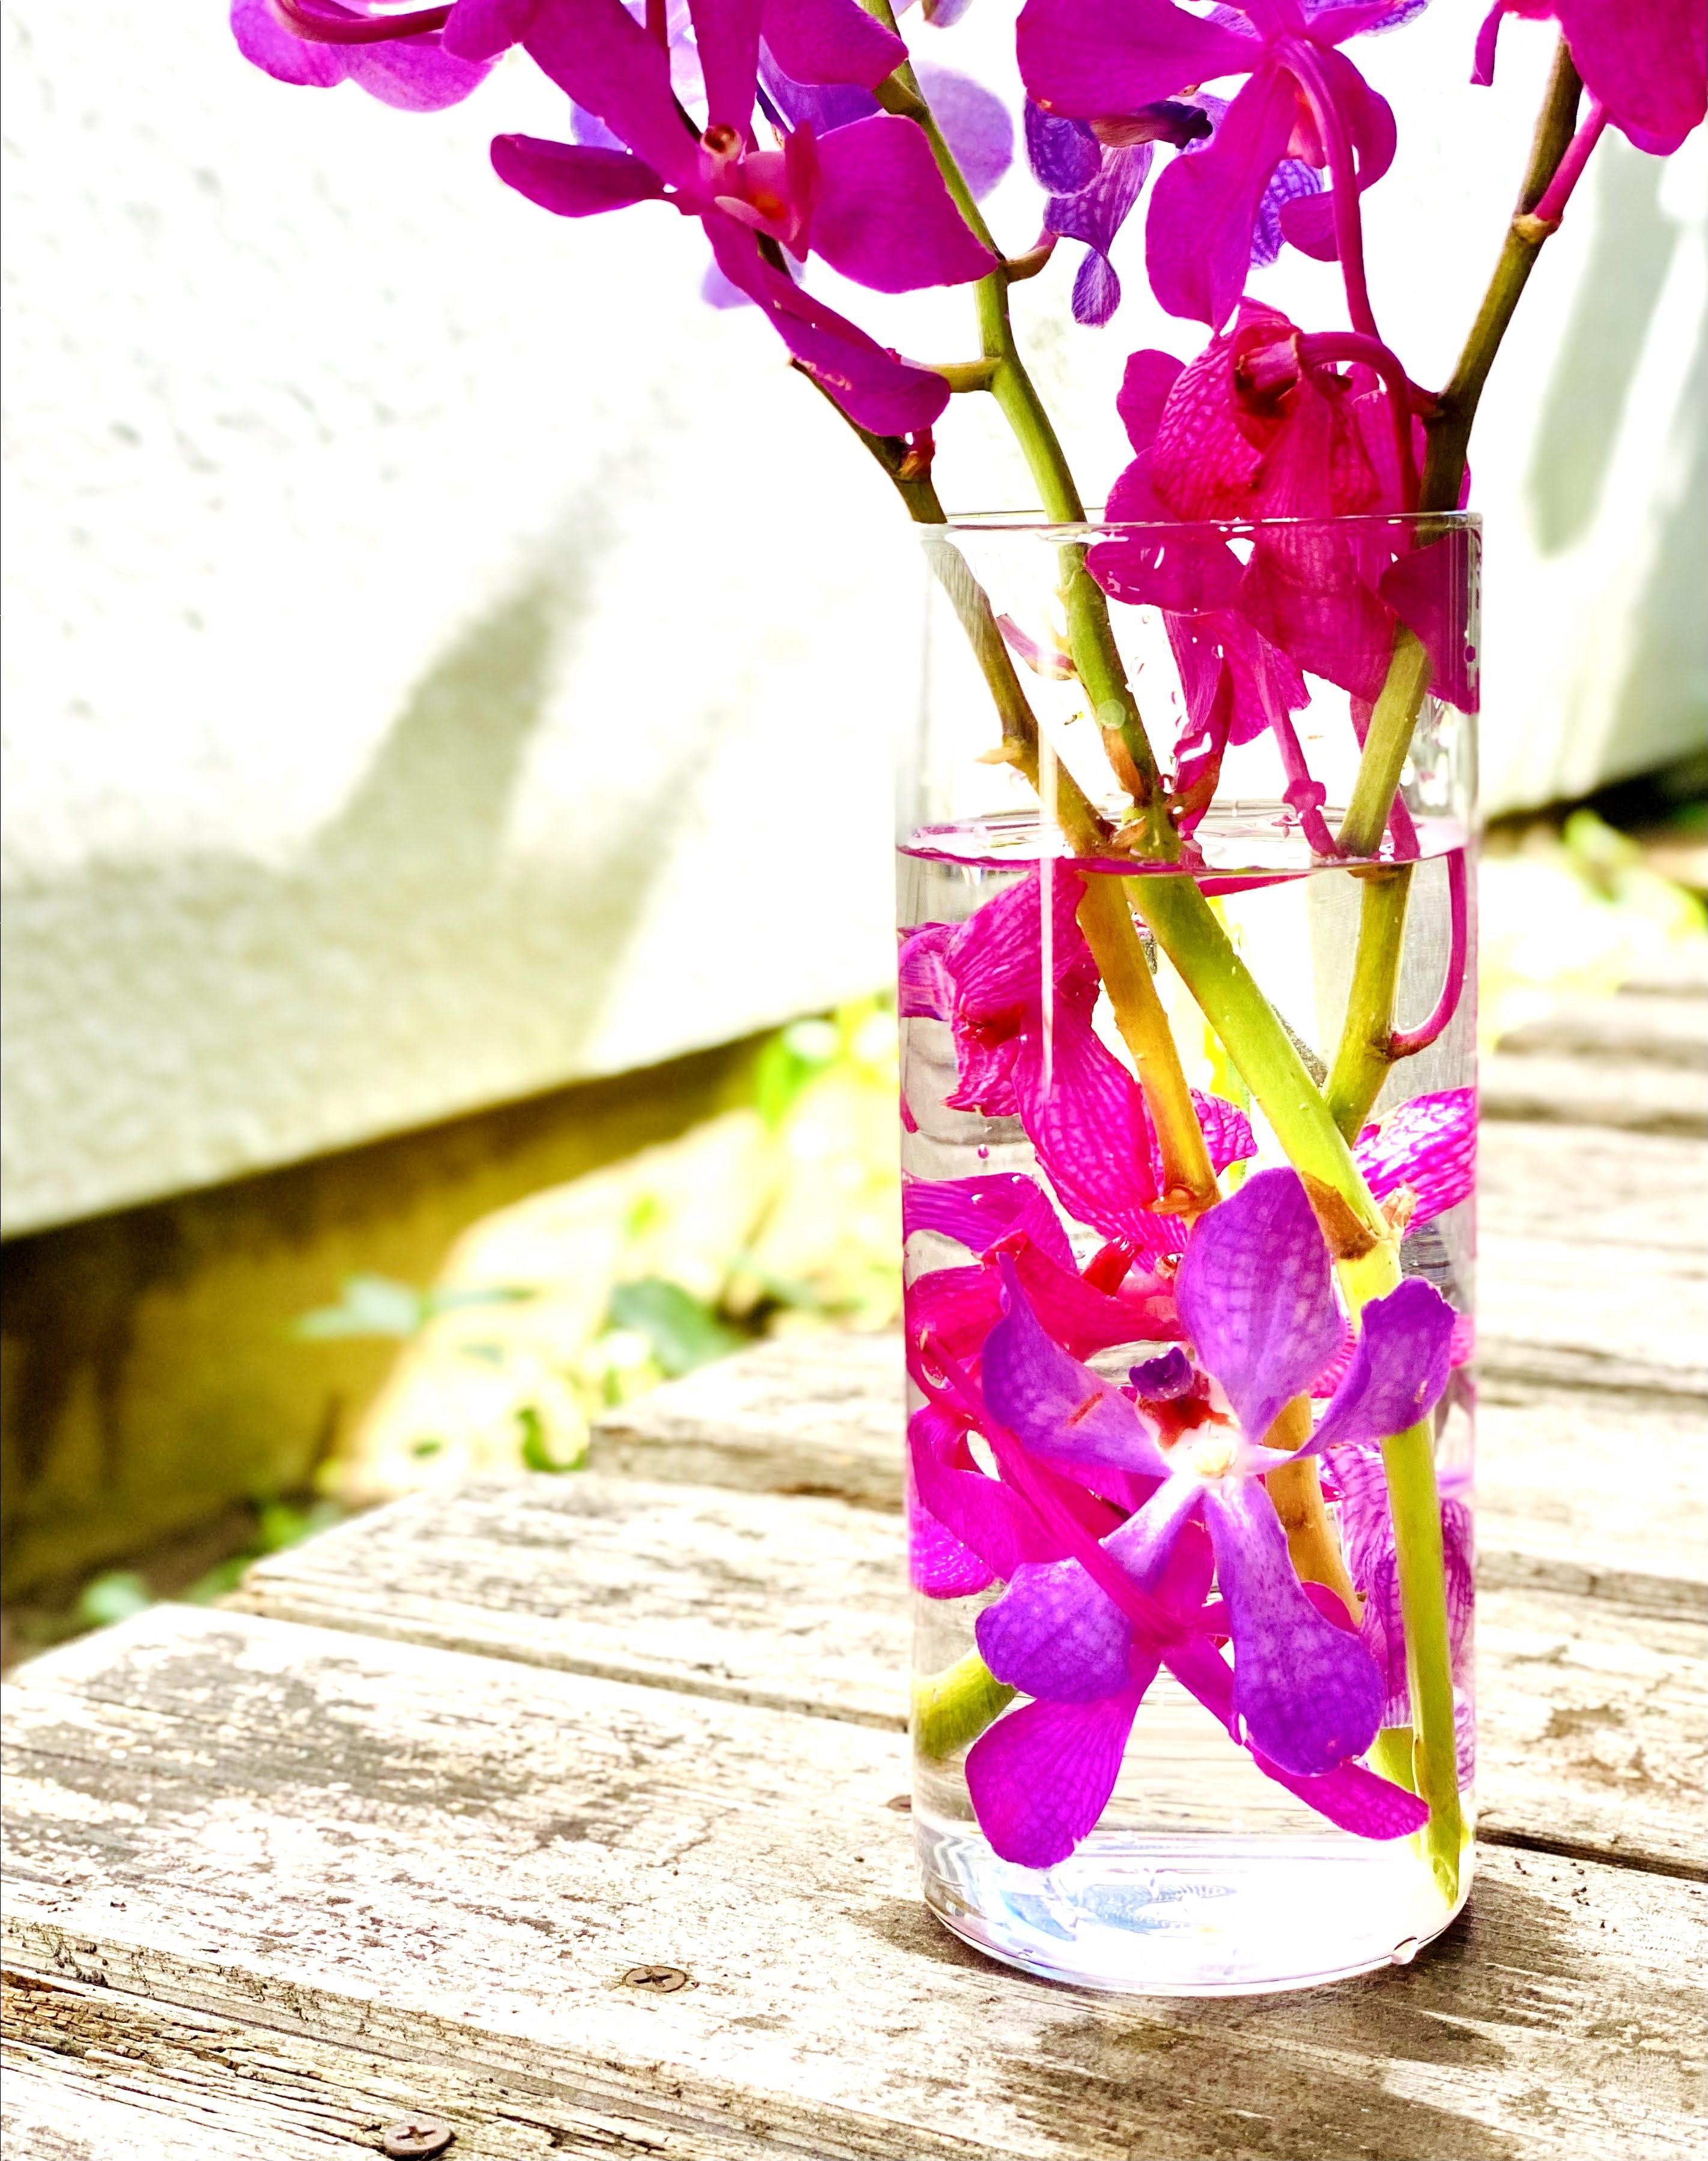 モカラの花瓶にお花を入れてアクアリウム風に楽しむ